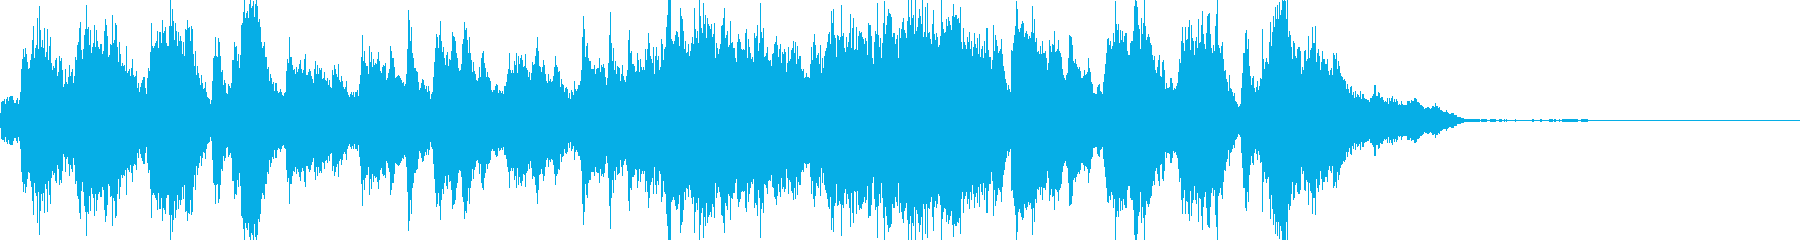 37秒で完結するファンタジーミュージックの再生済みの波形